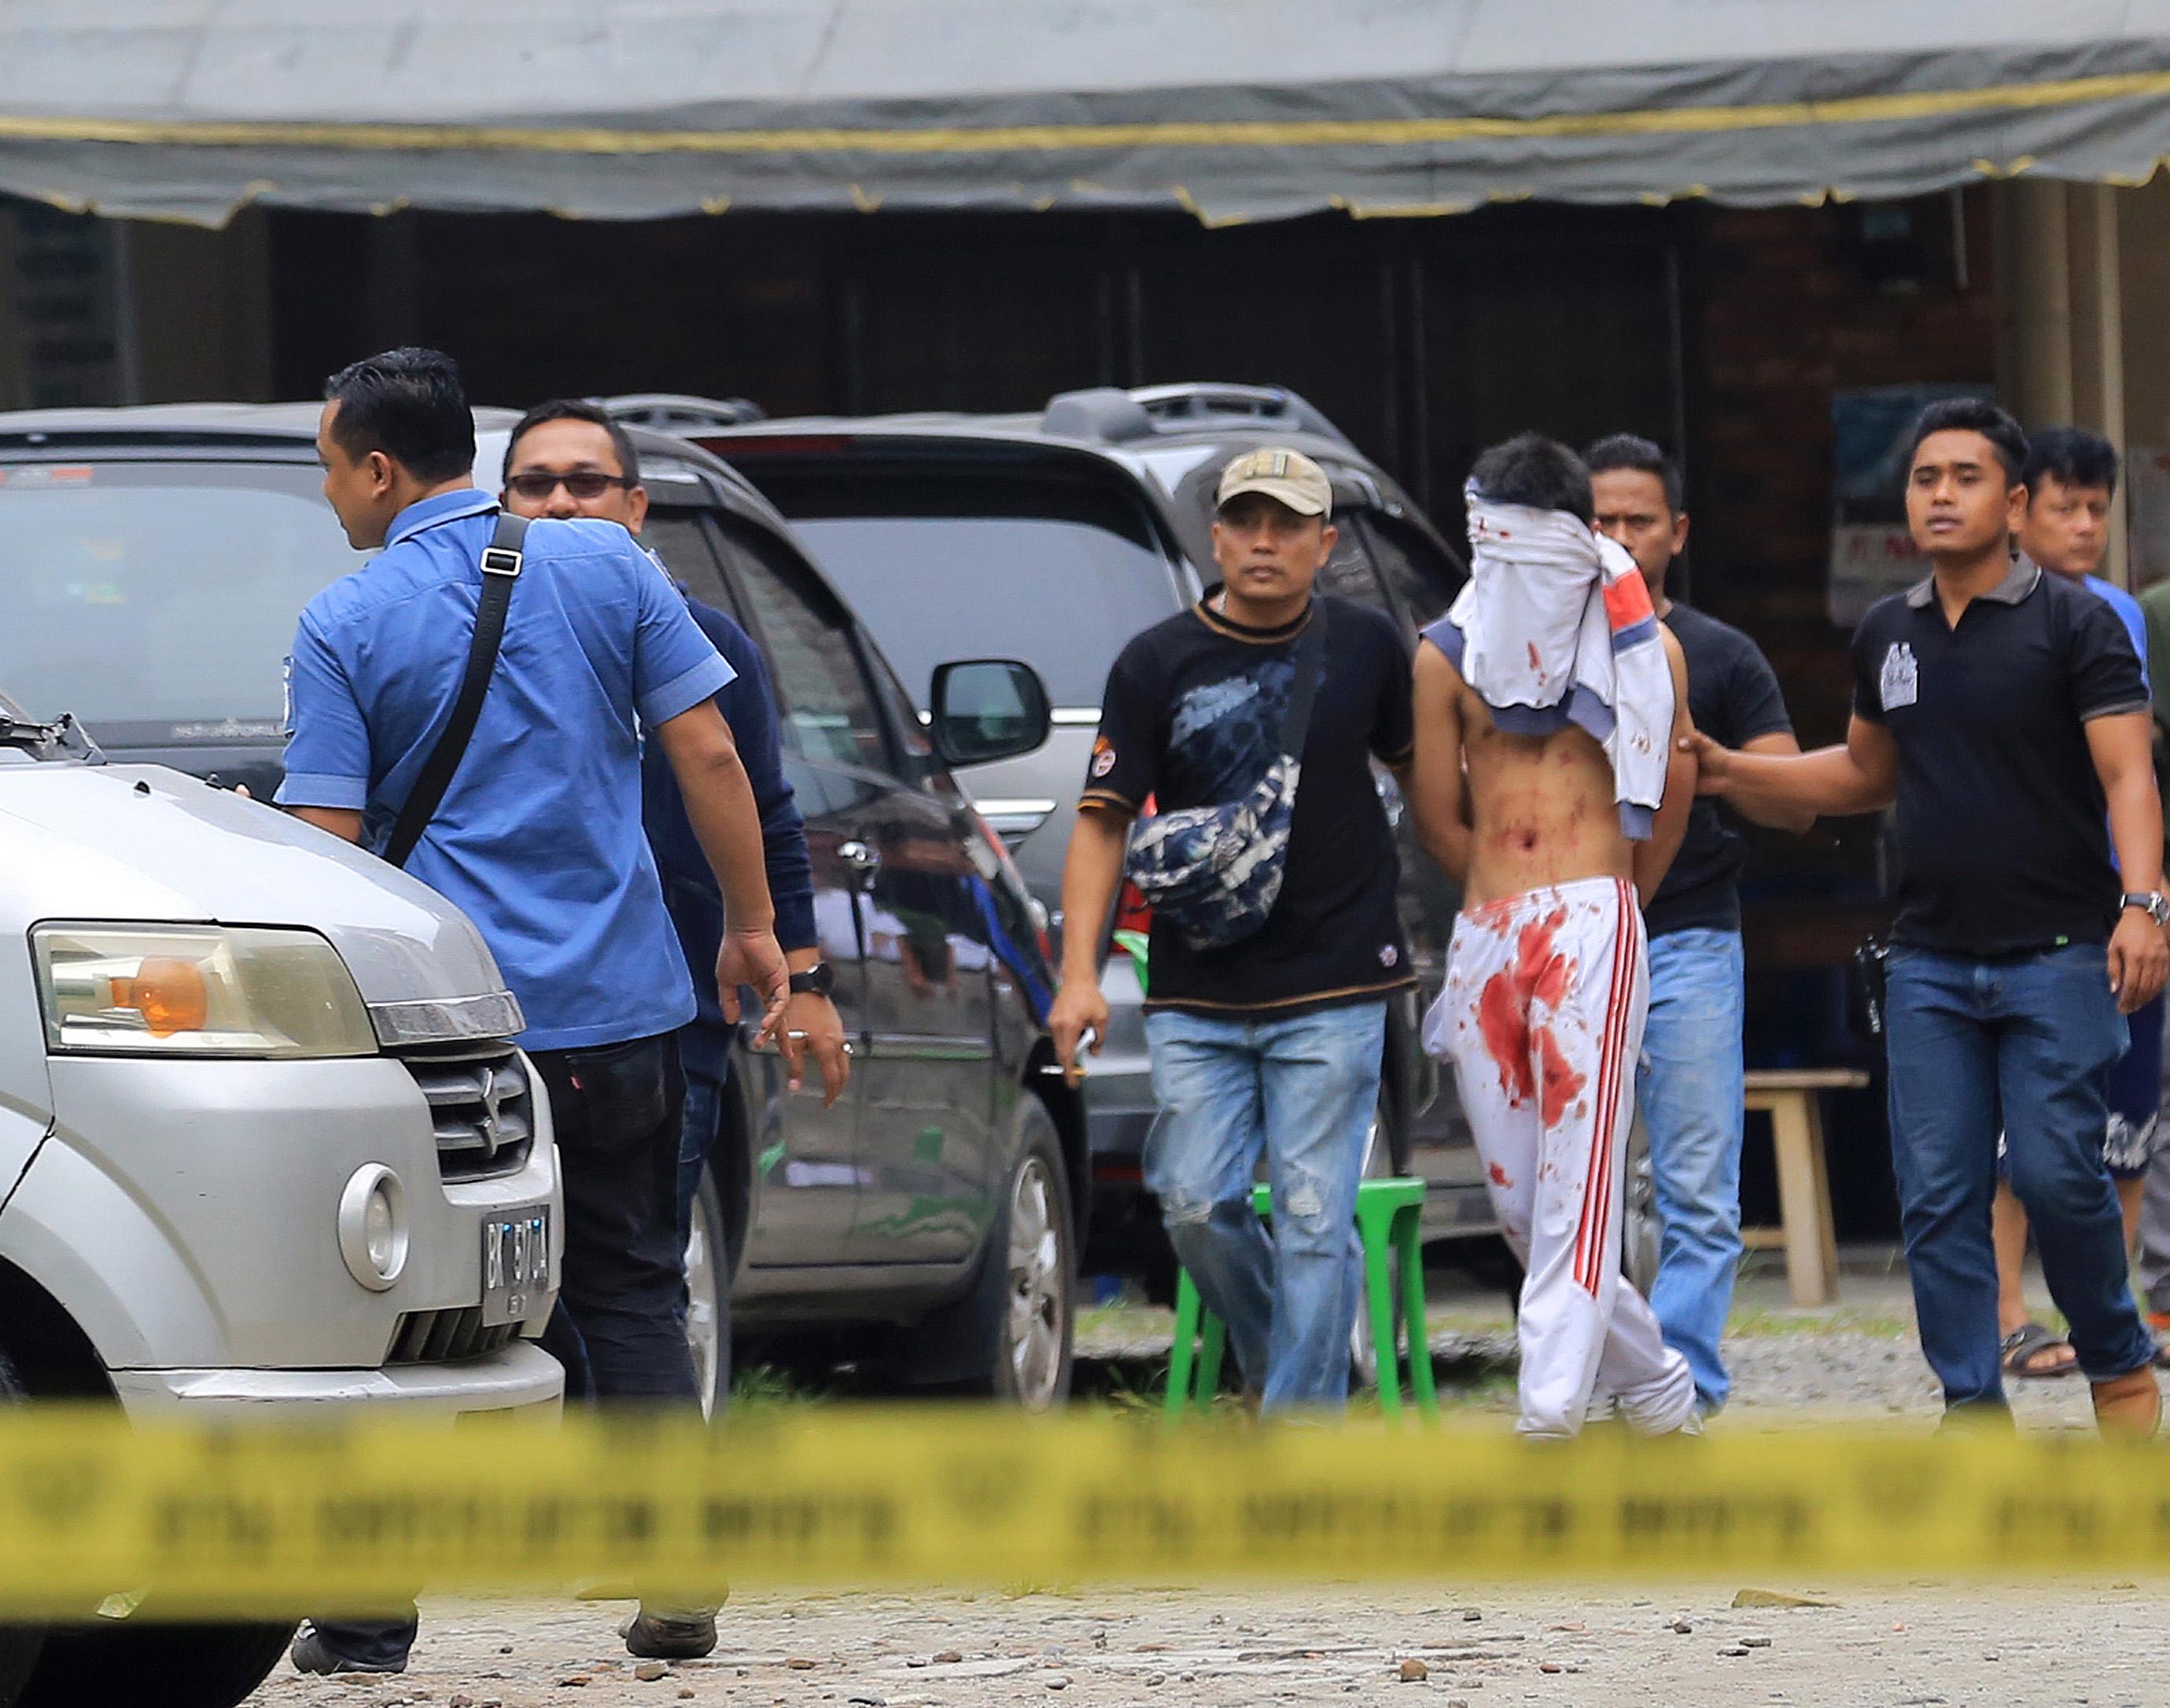 Baltával támadt a papra egy 18 éves ISIS-rajongó Indonéziában